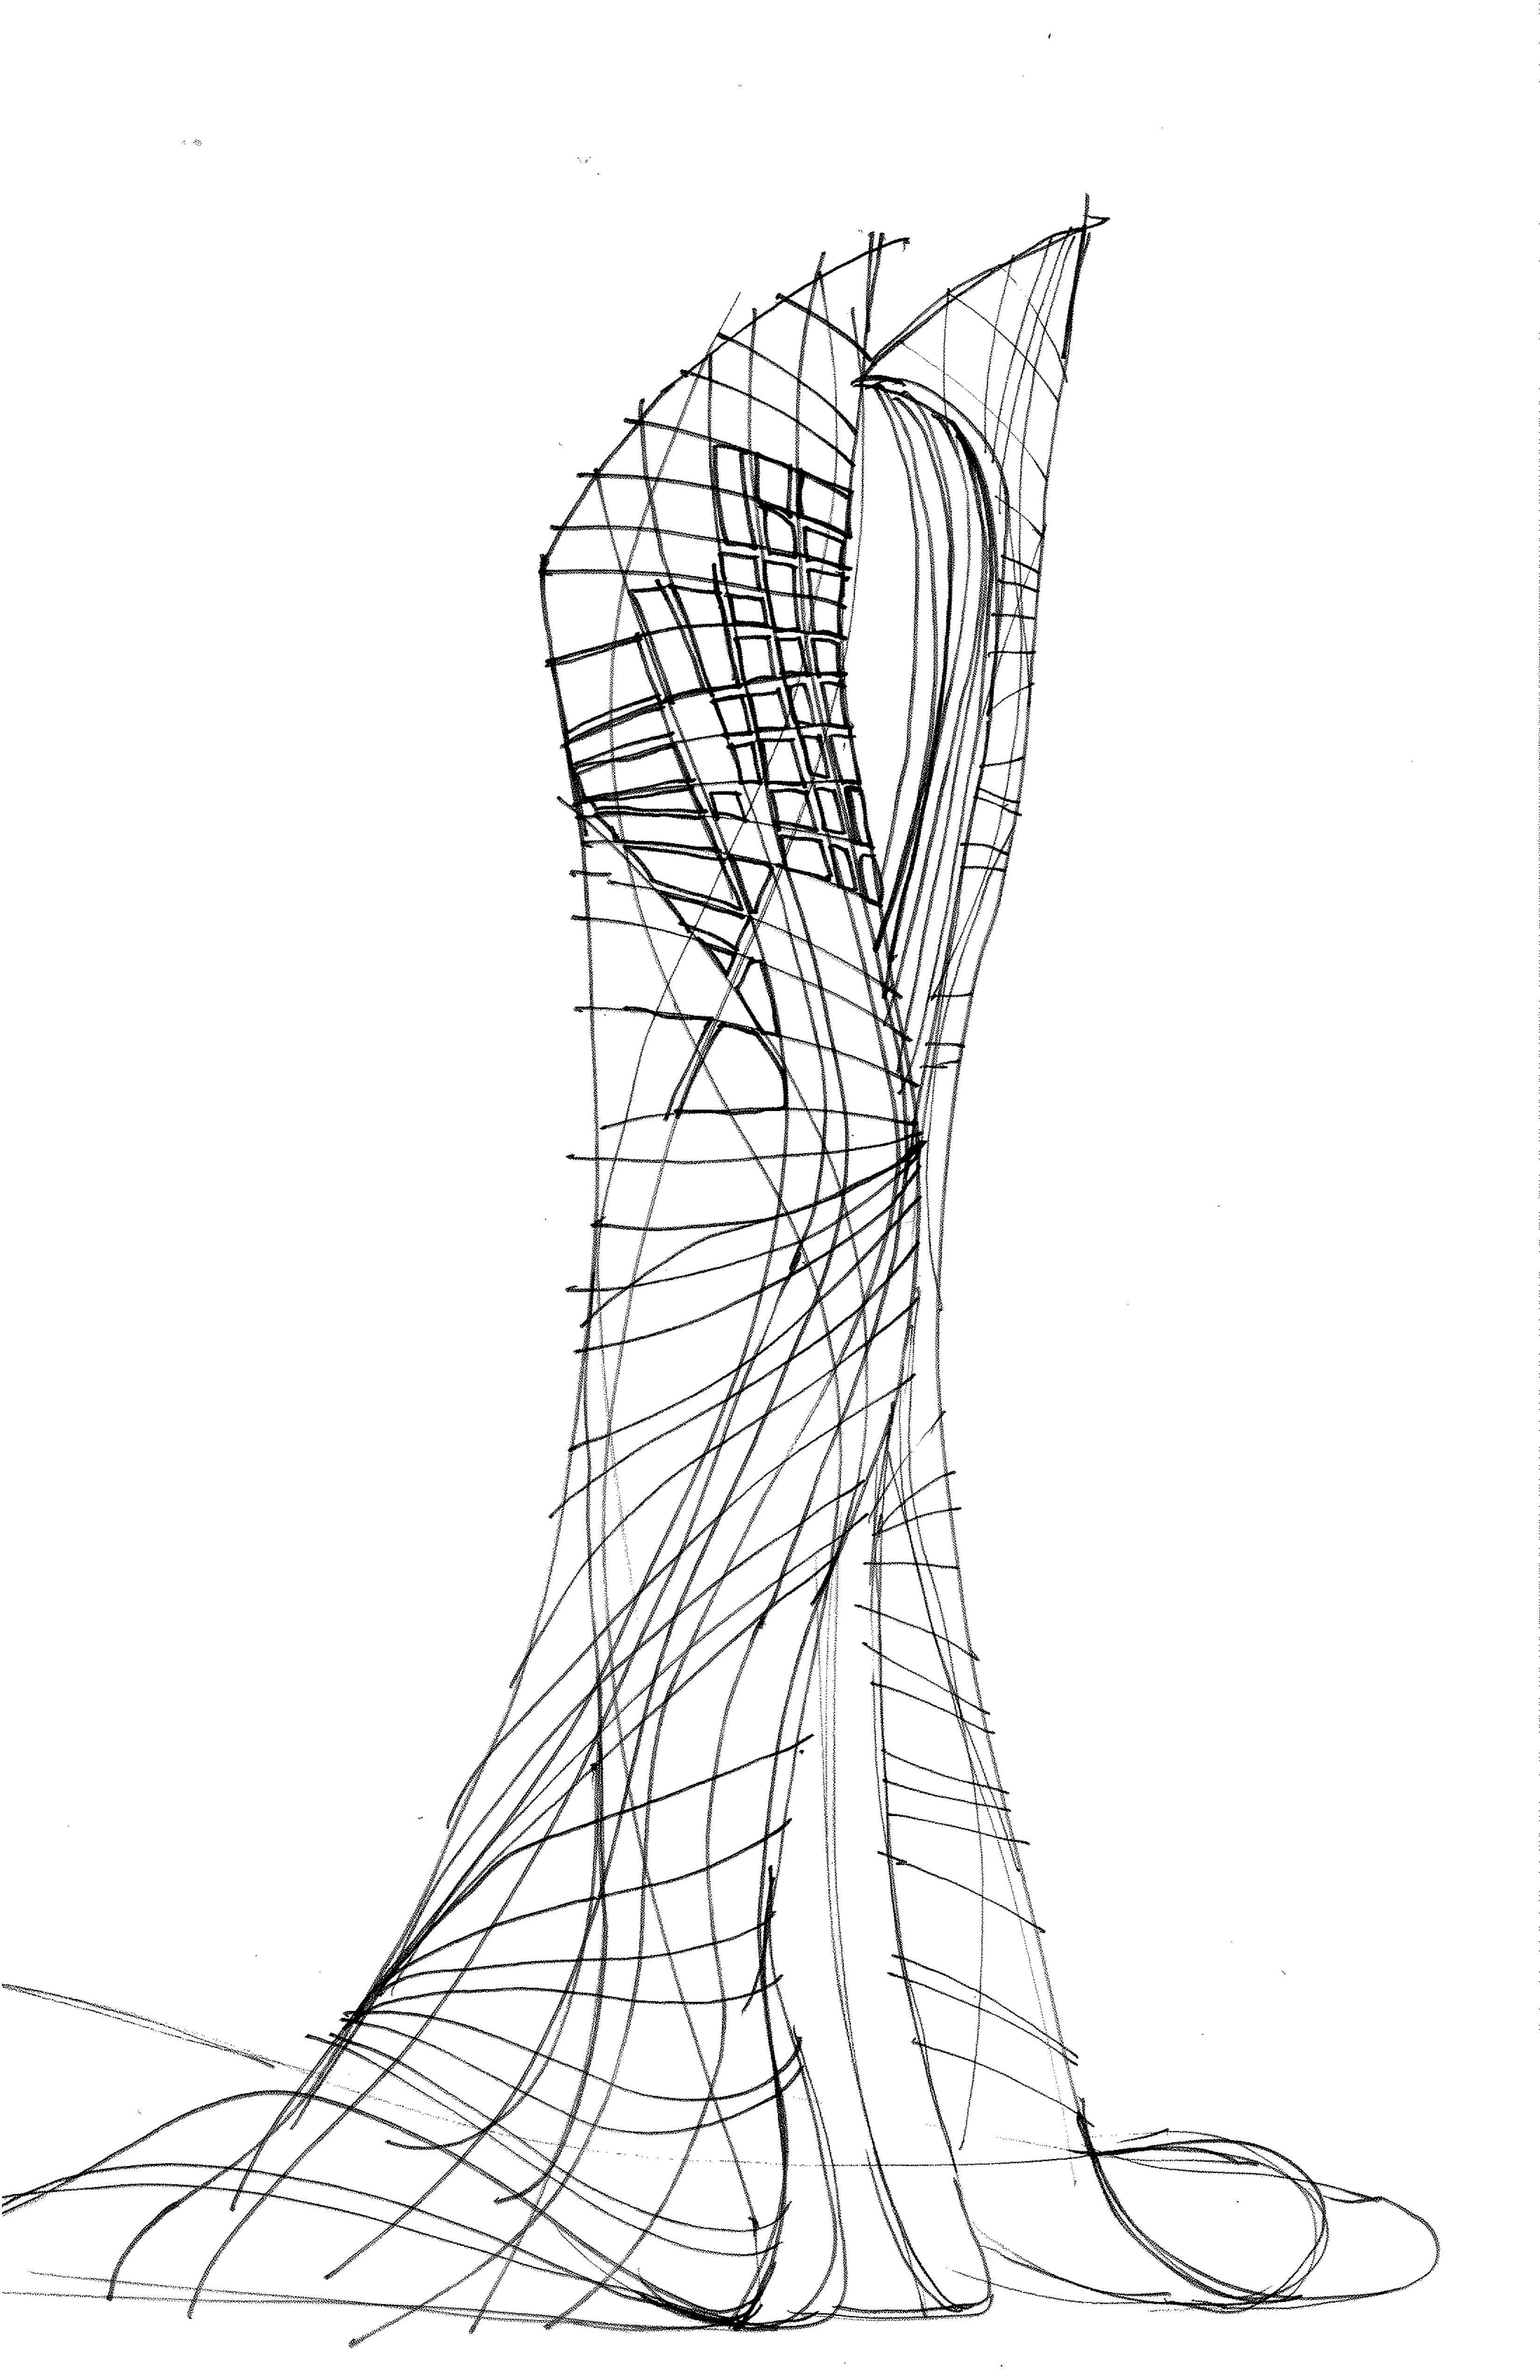 Skyscraper Concept 6 Architectural SketchesSkyscrapers